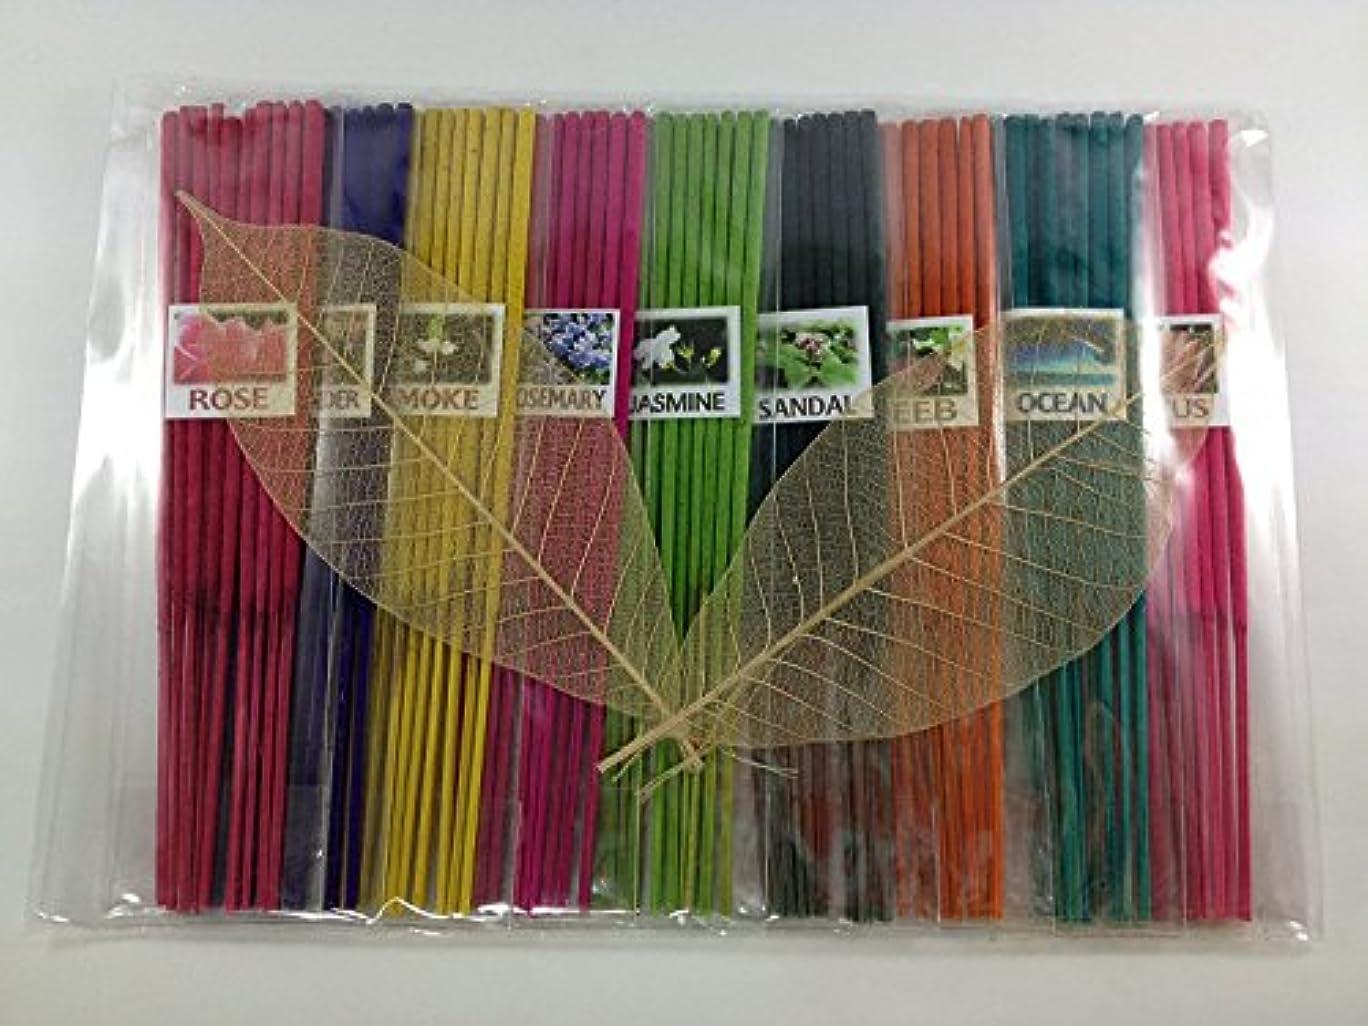 幾分上向き建築家Thai Incense Sticks with 9 Aroma Smell - Moke Rosemary Jasmine Sandal Lotus Ocean Rose Lavender Peeb.